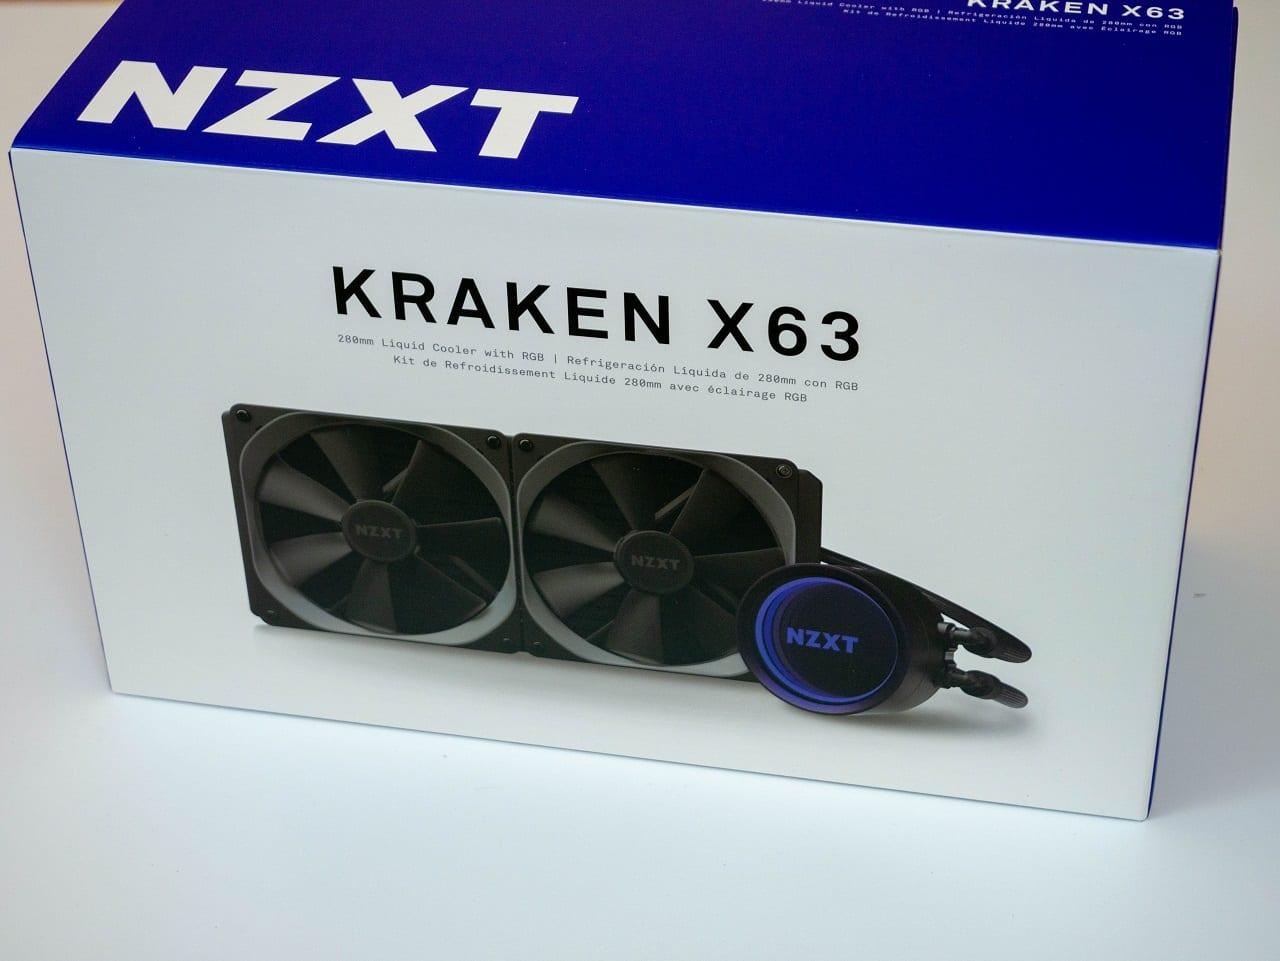 NZXT Kraken X63 Recensione – Un dissipatore a liquido sempre spettacolare